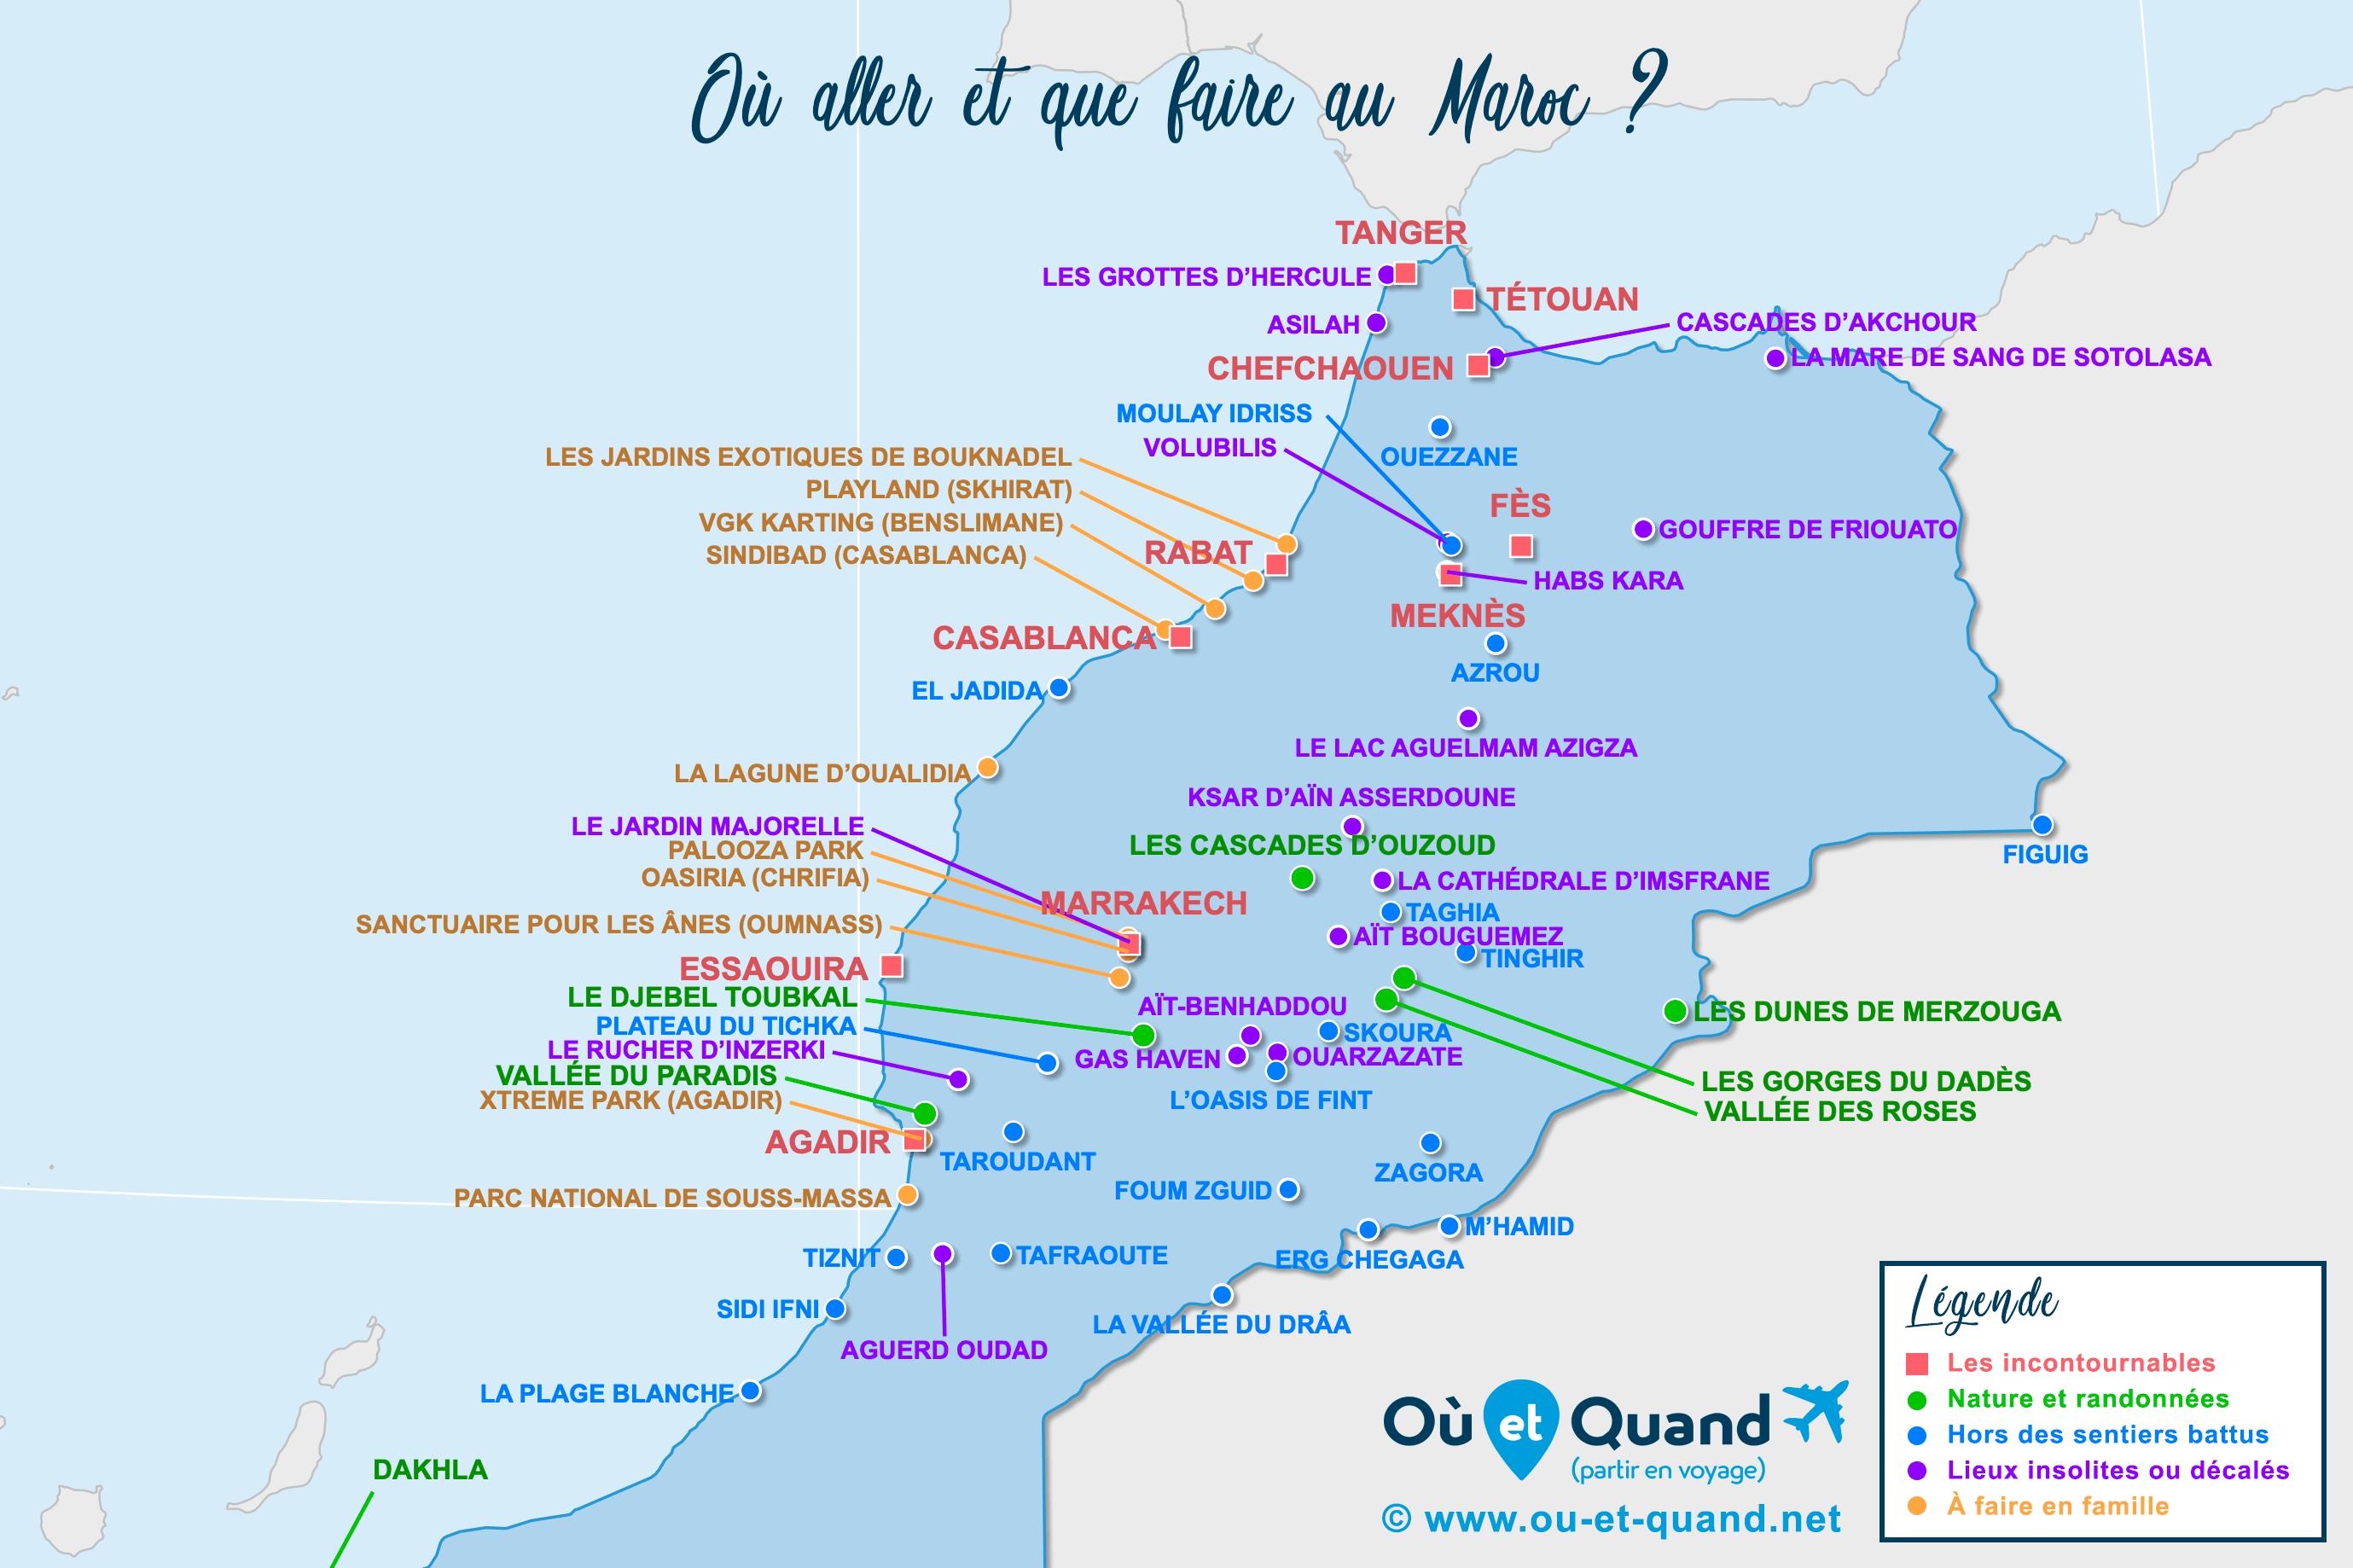 Carte Maroc : tous les lieux à visiter lors de votre voyage